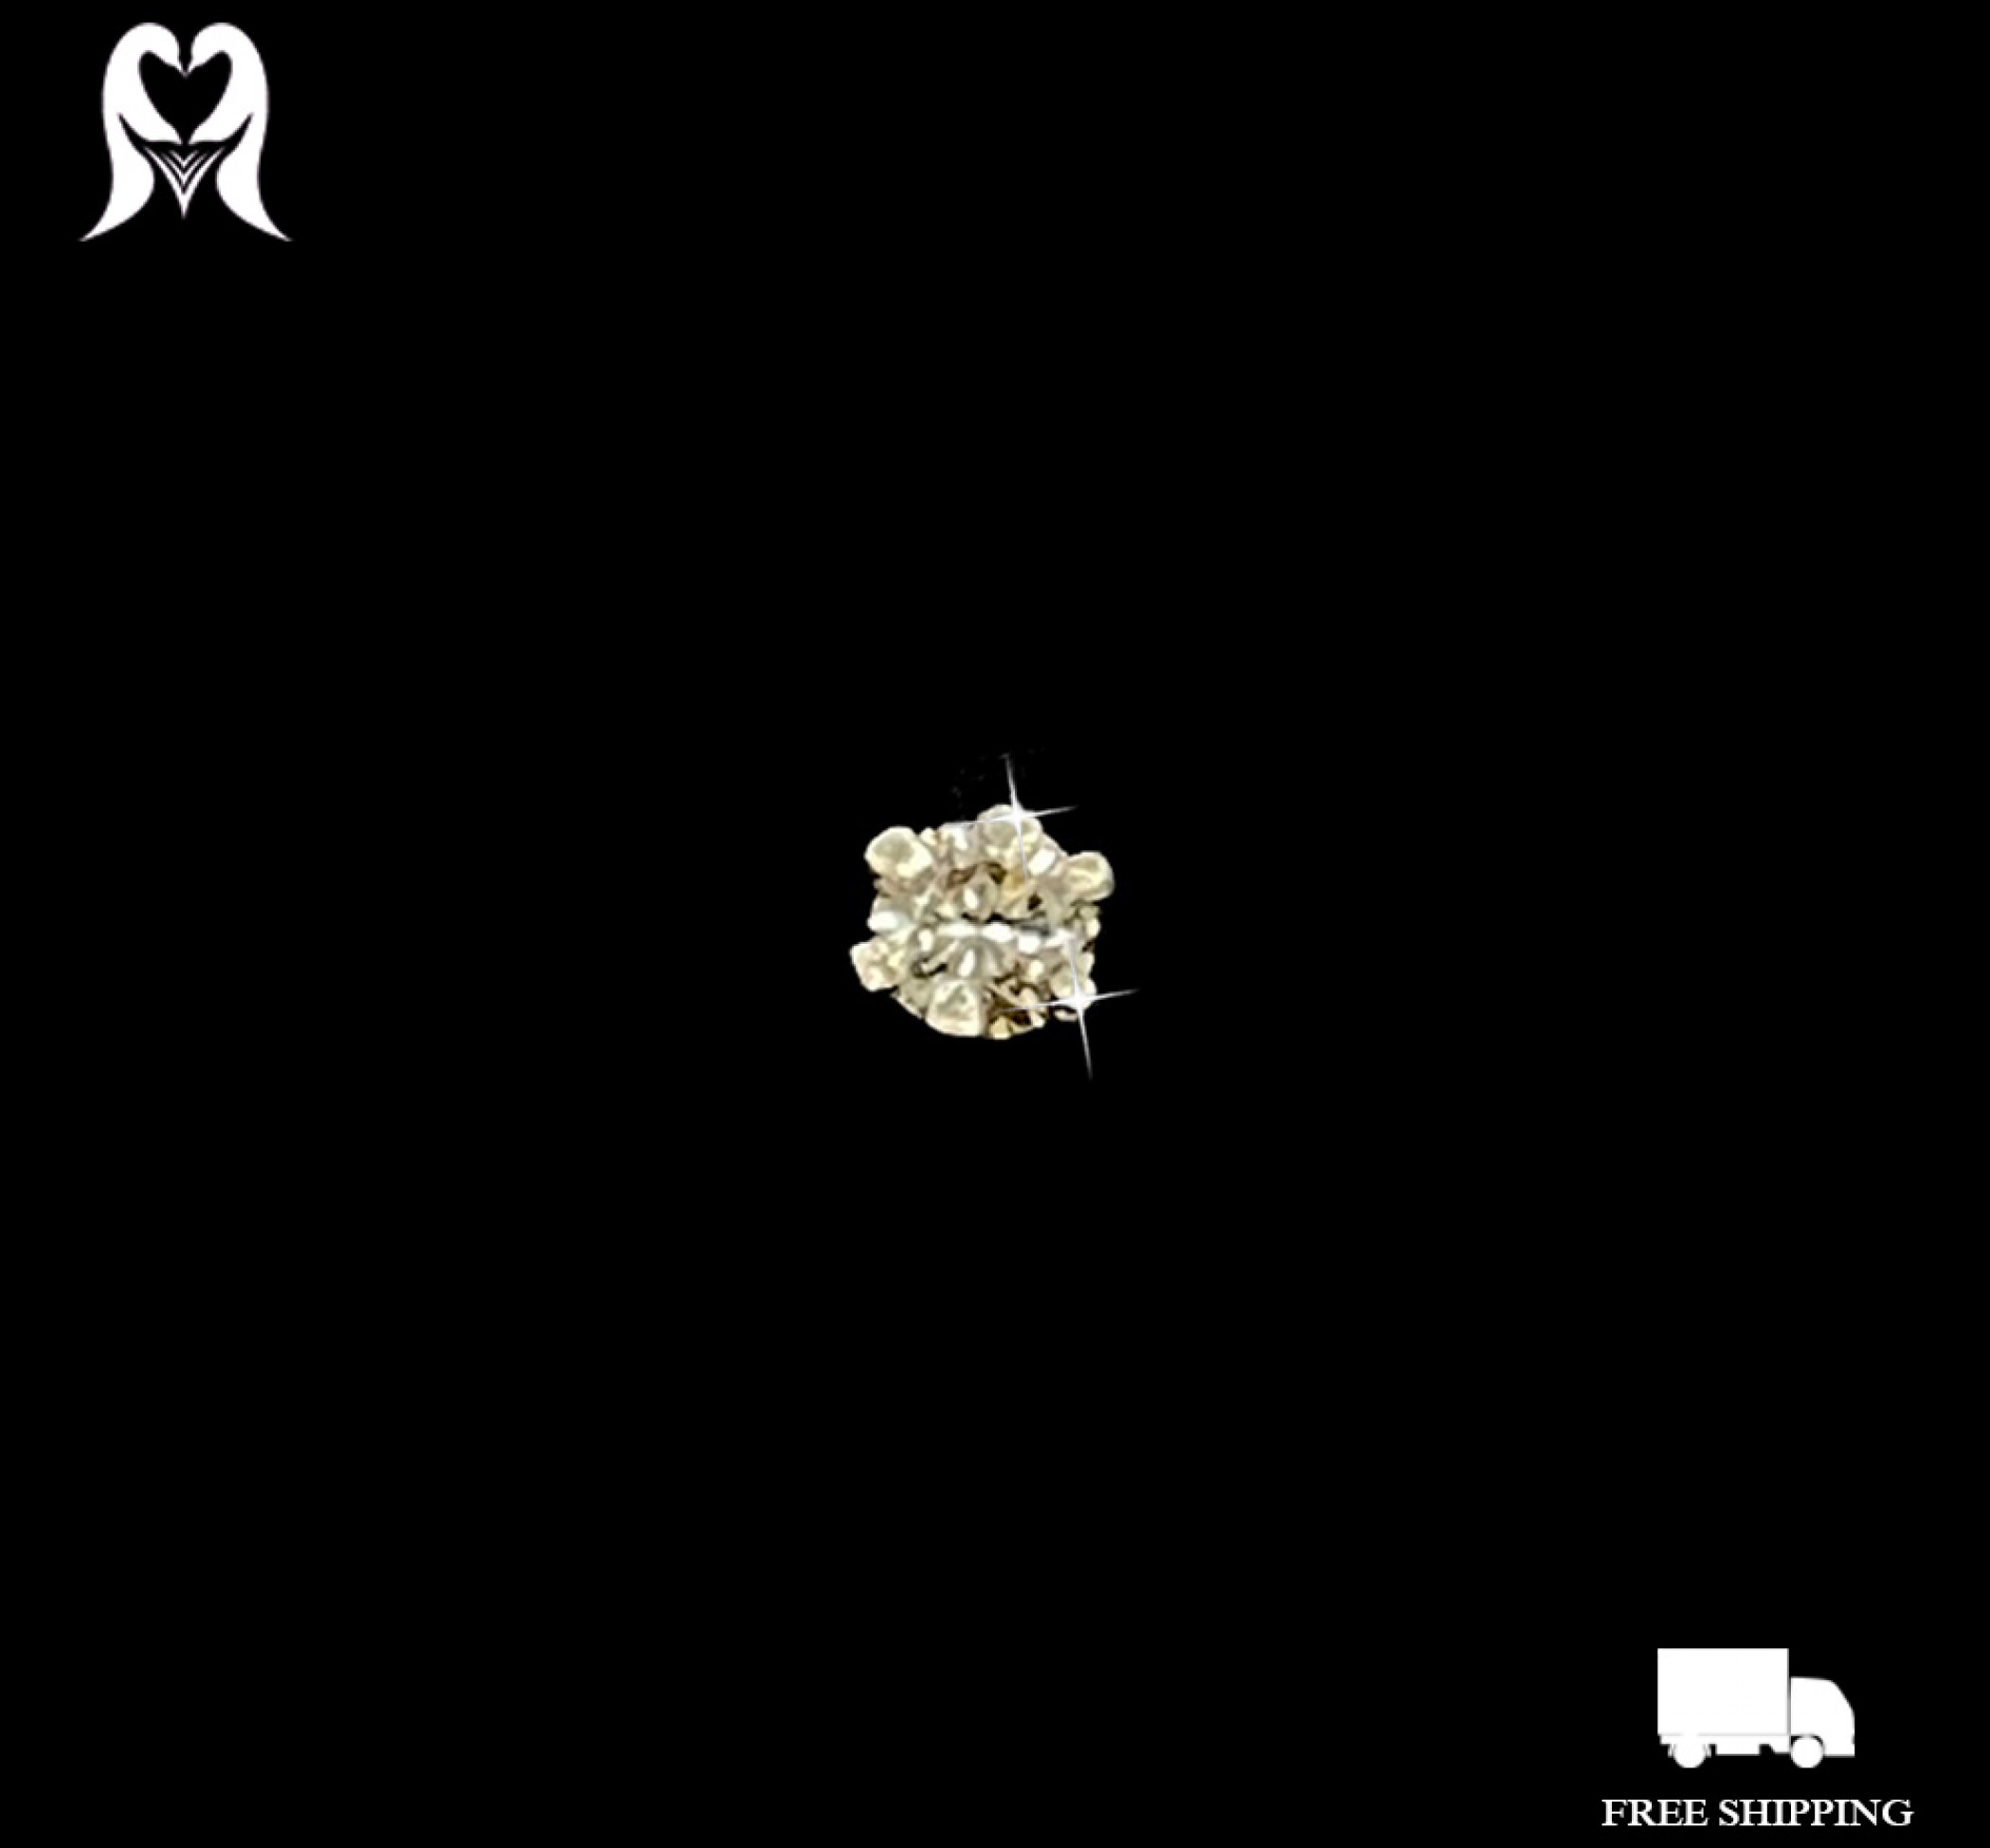 Diamond Nosepin 0.08 CTS 1PC 191460046 [Wt:0.34 - 2030762]